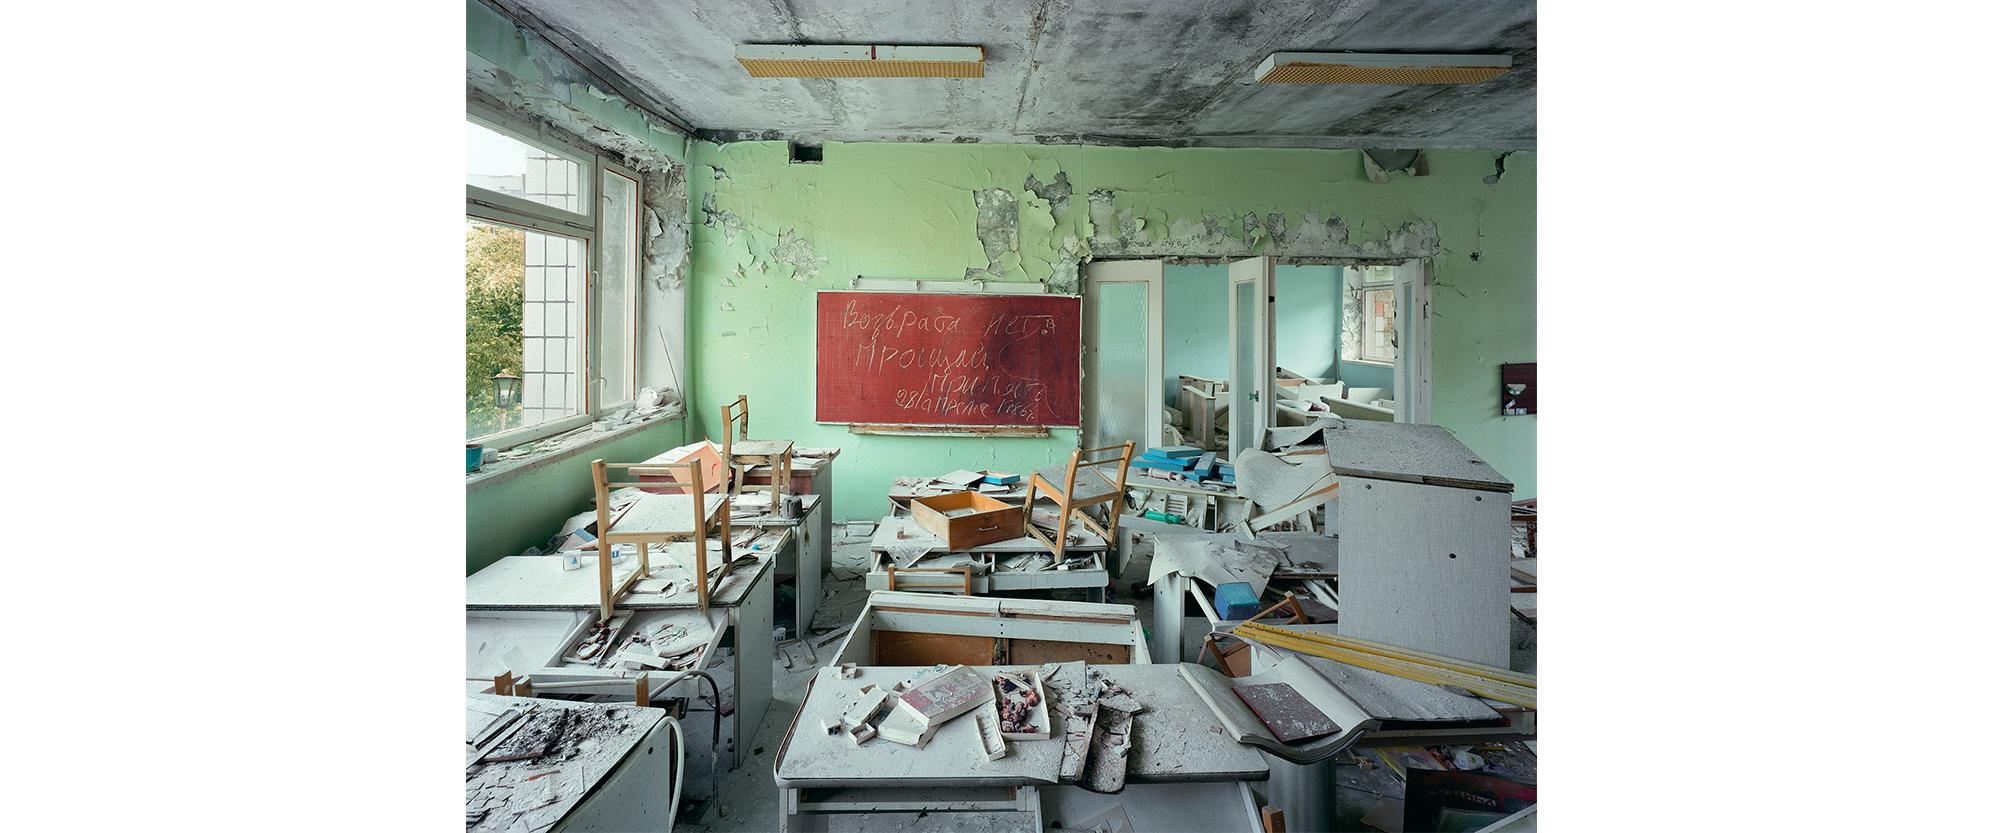 5_Chern-11-RP_ClassroomsinKindergarden#7.jpg